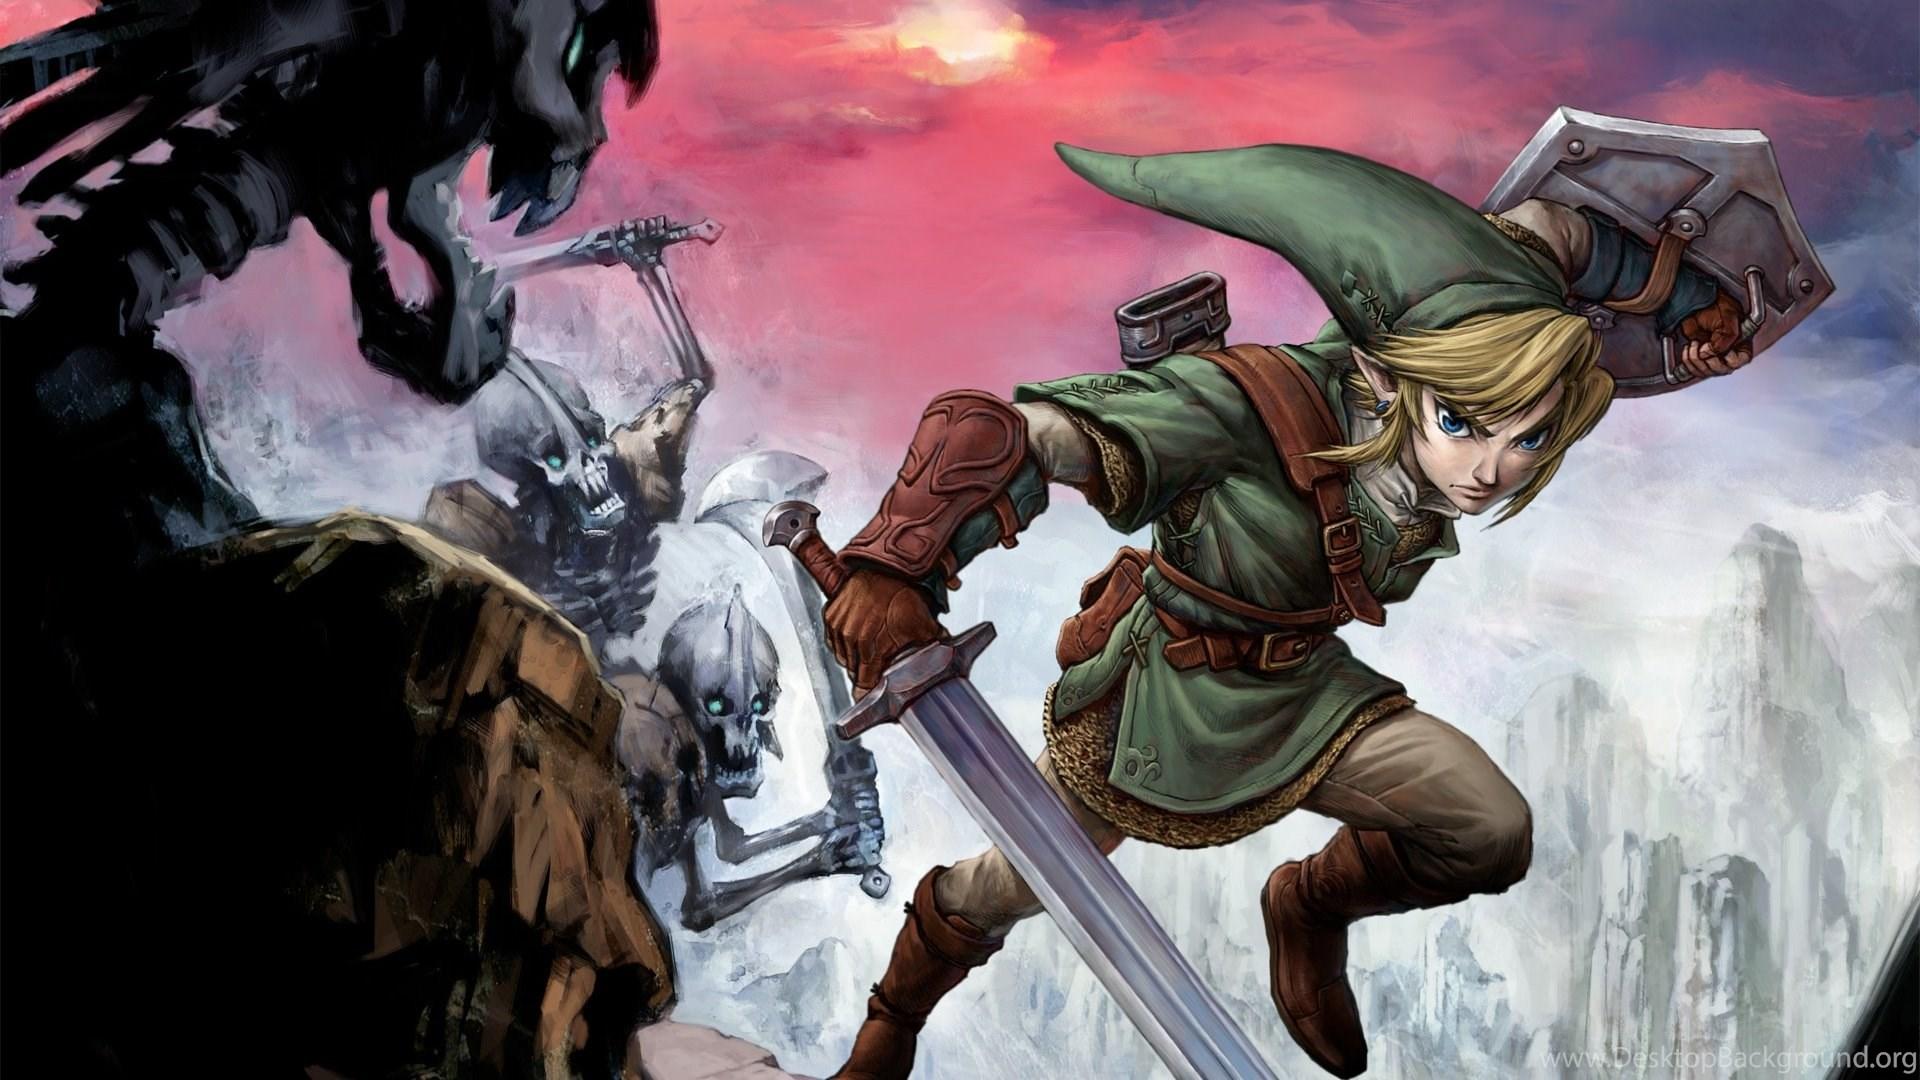 Wallpapers The Legend Of Zelda Twilight Princess 03 1920 1200